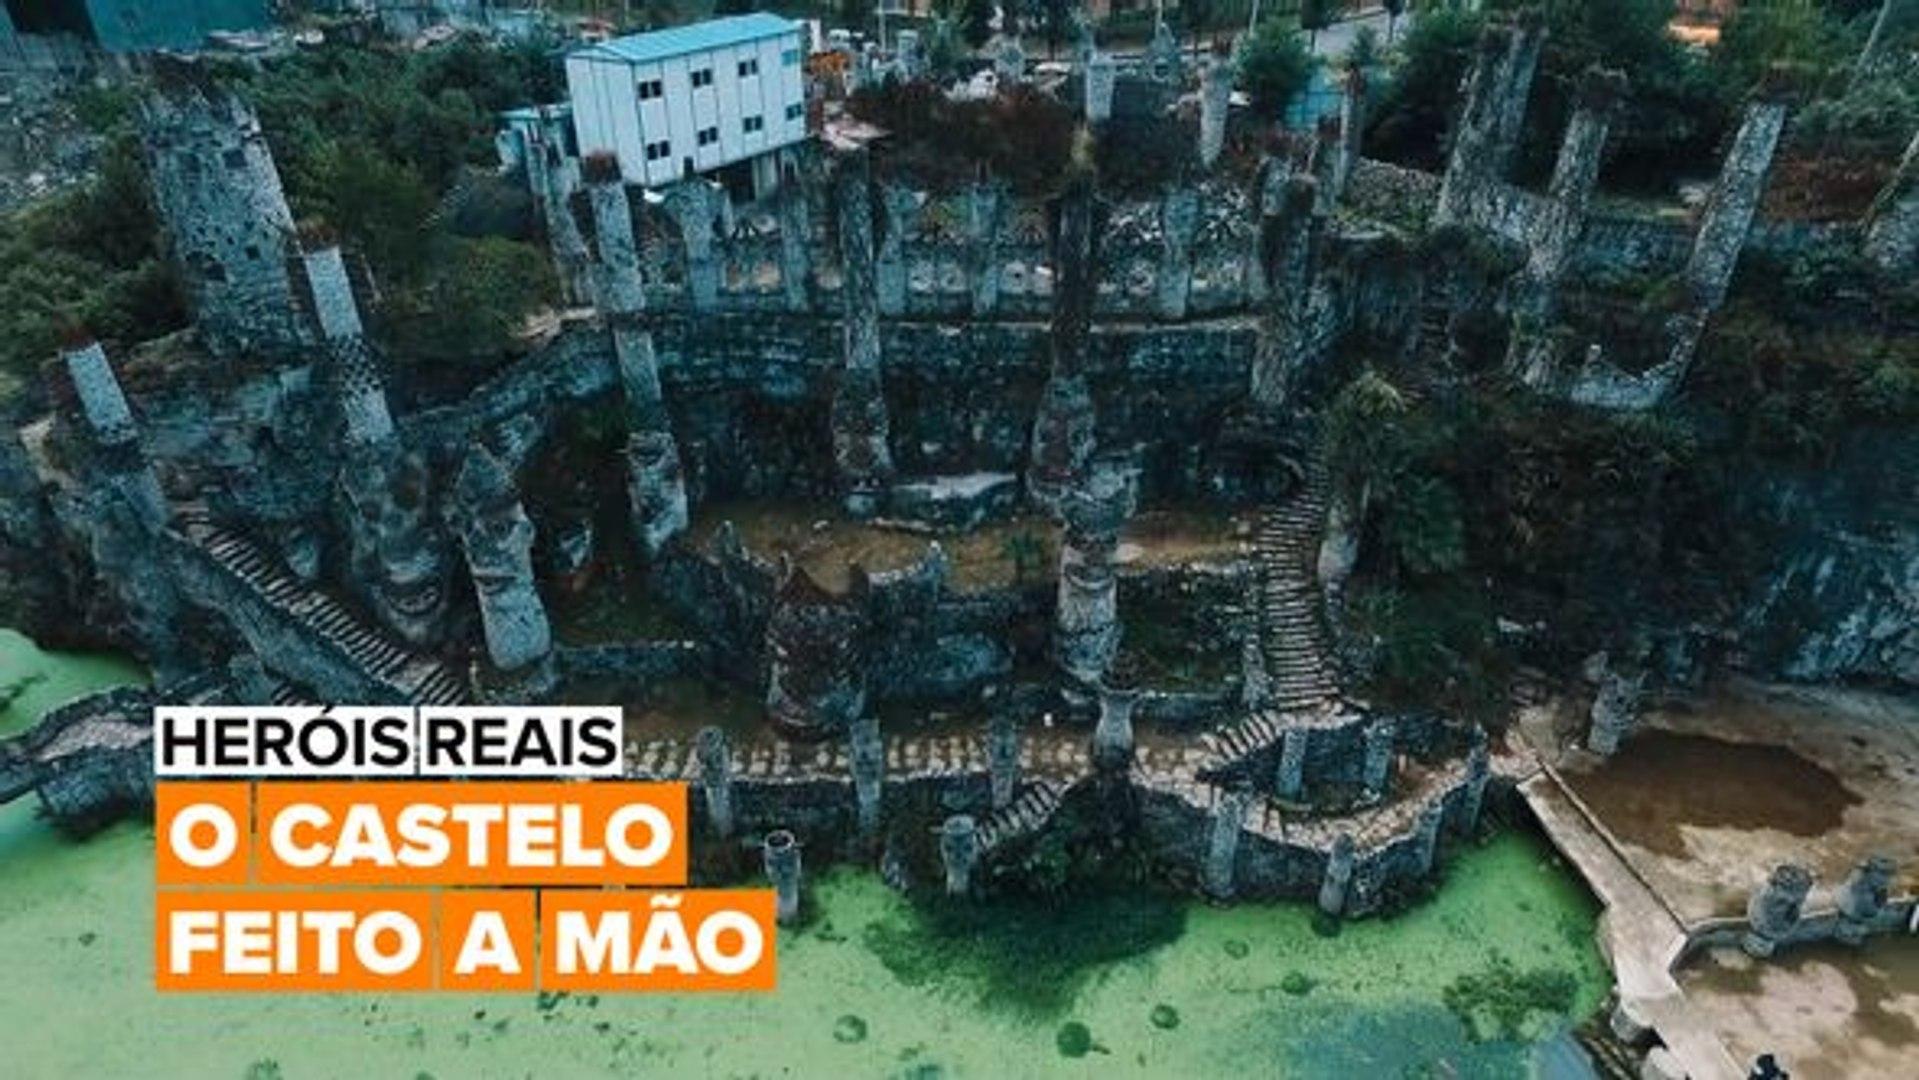 Heróis Reais: O Castelo Feito a Mão